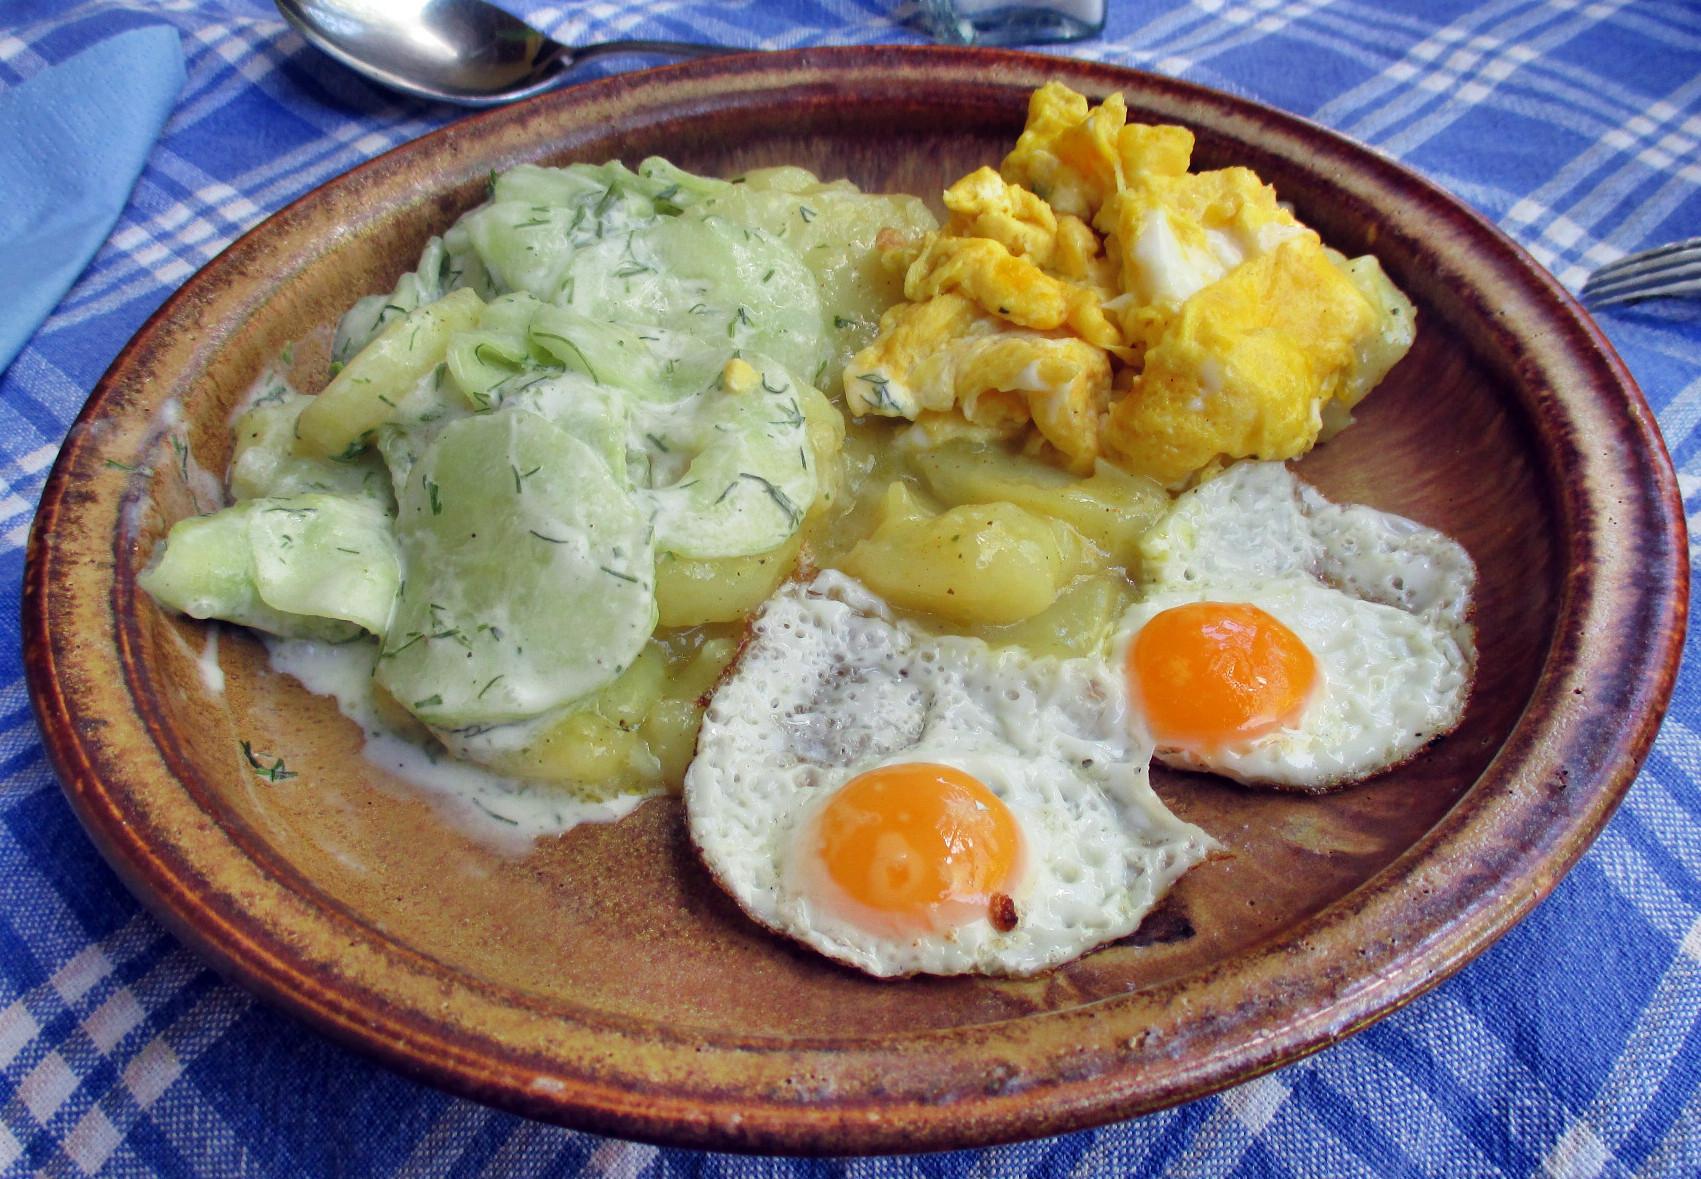 Kartoffelsalat,Ei,Gurkensalat - 25.7.15   (13)